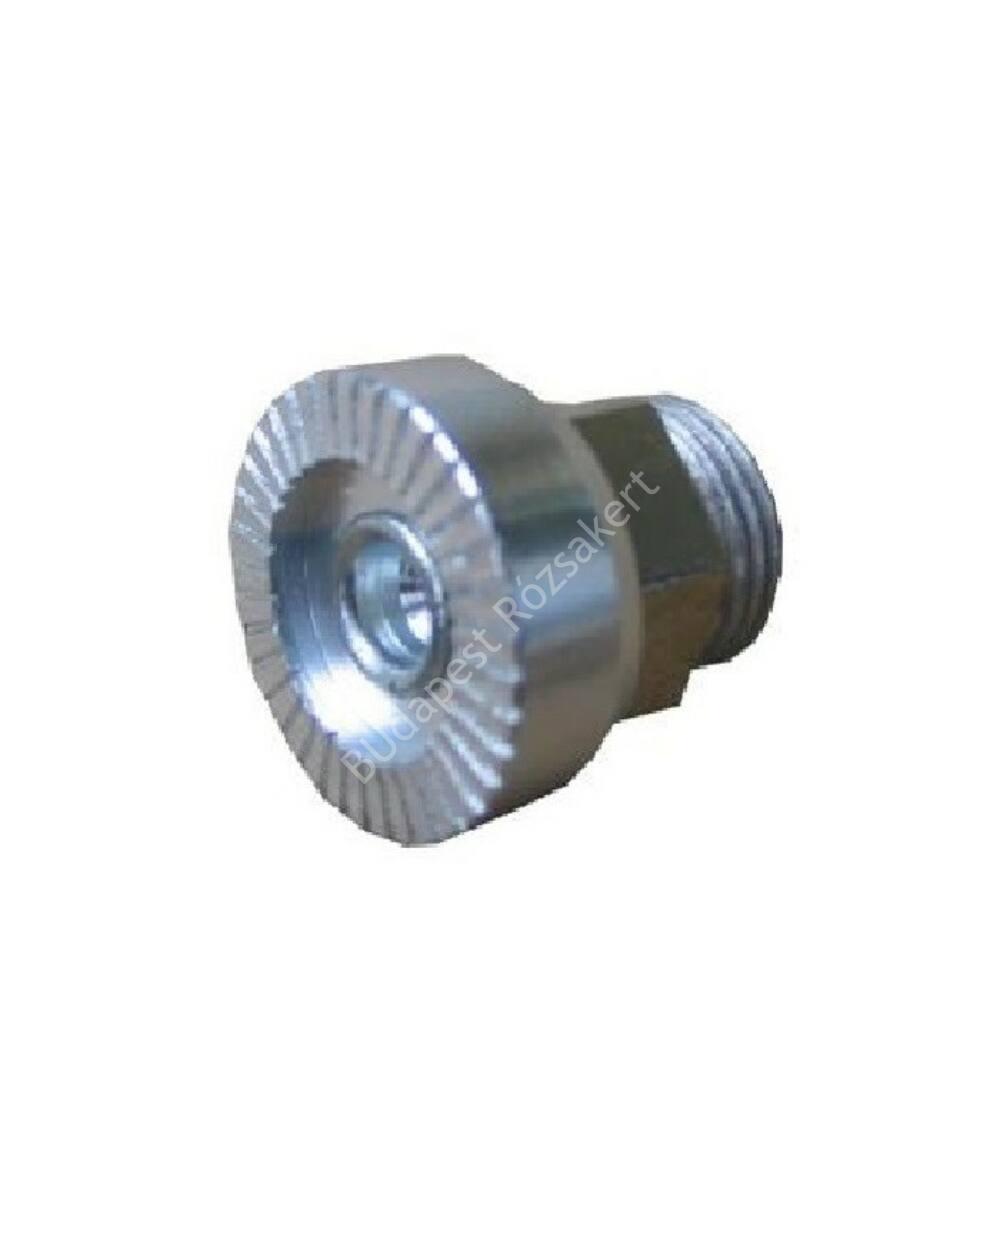 Micro biztonsági gomb, ezüst